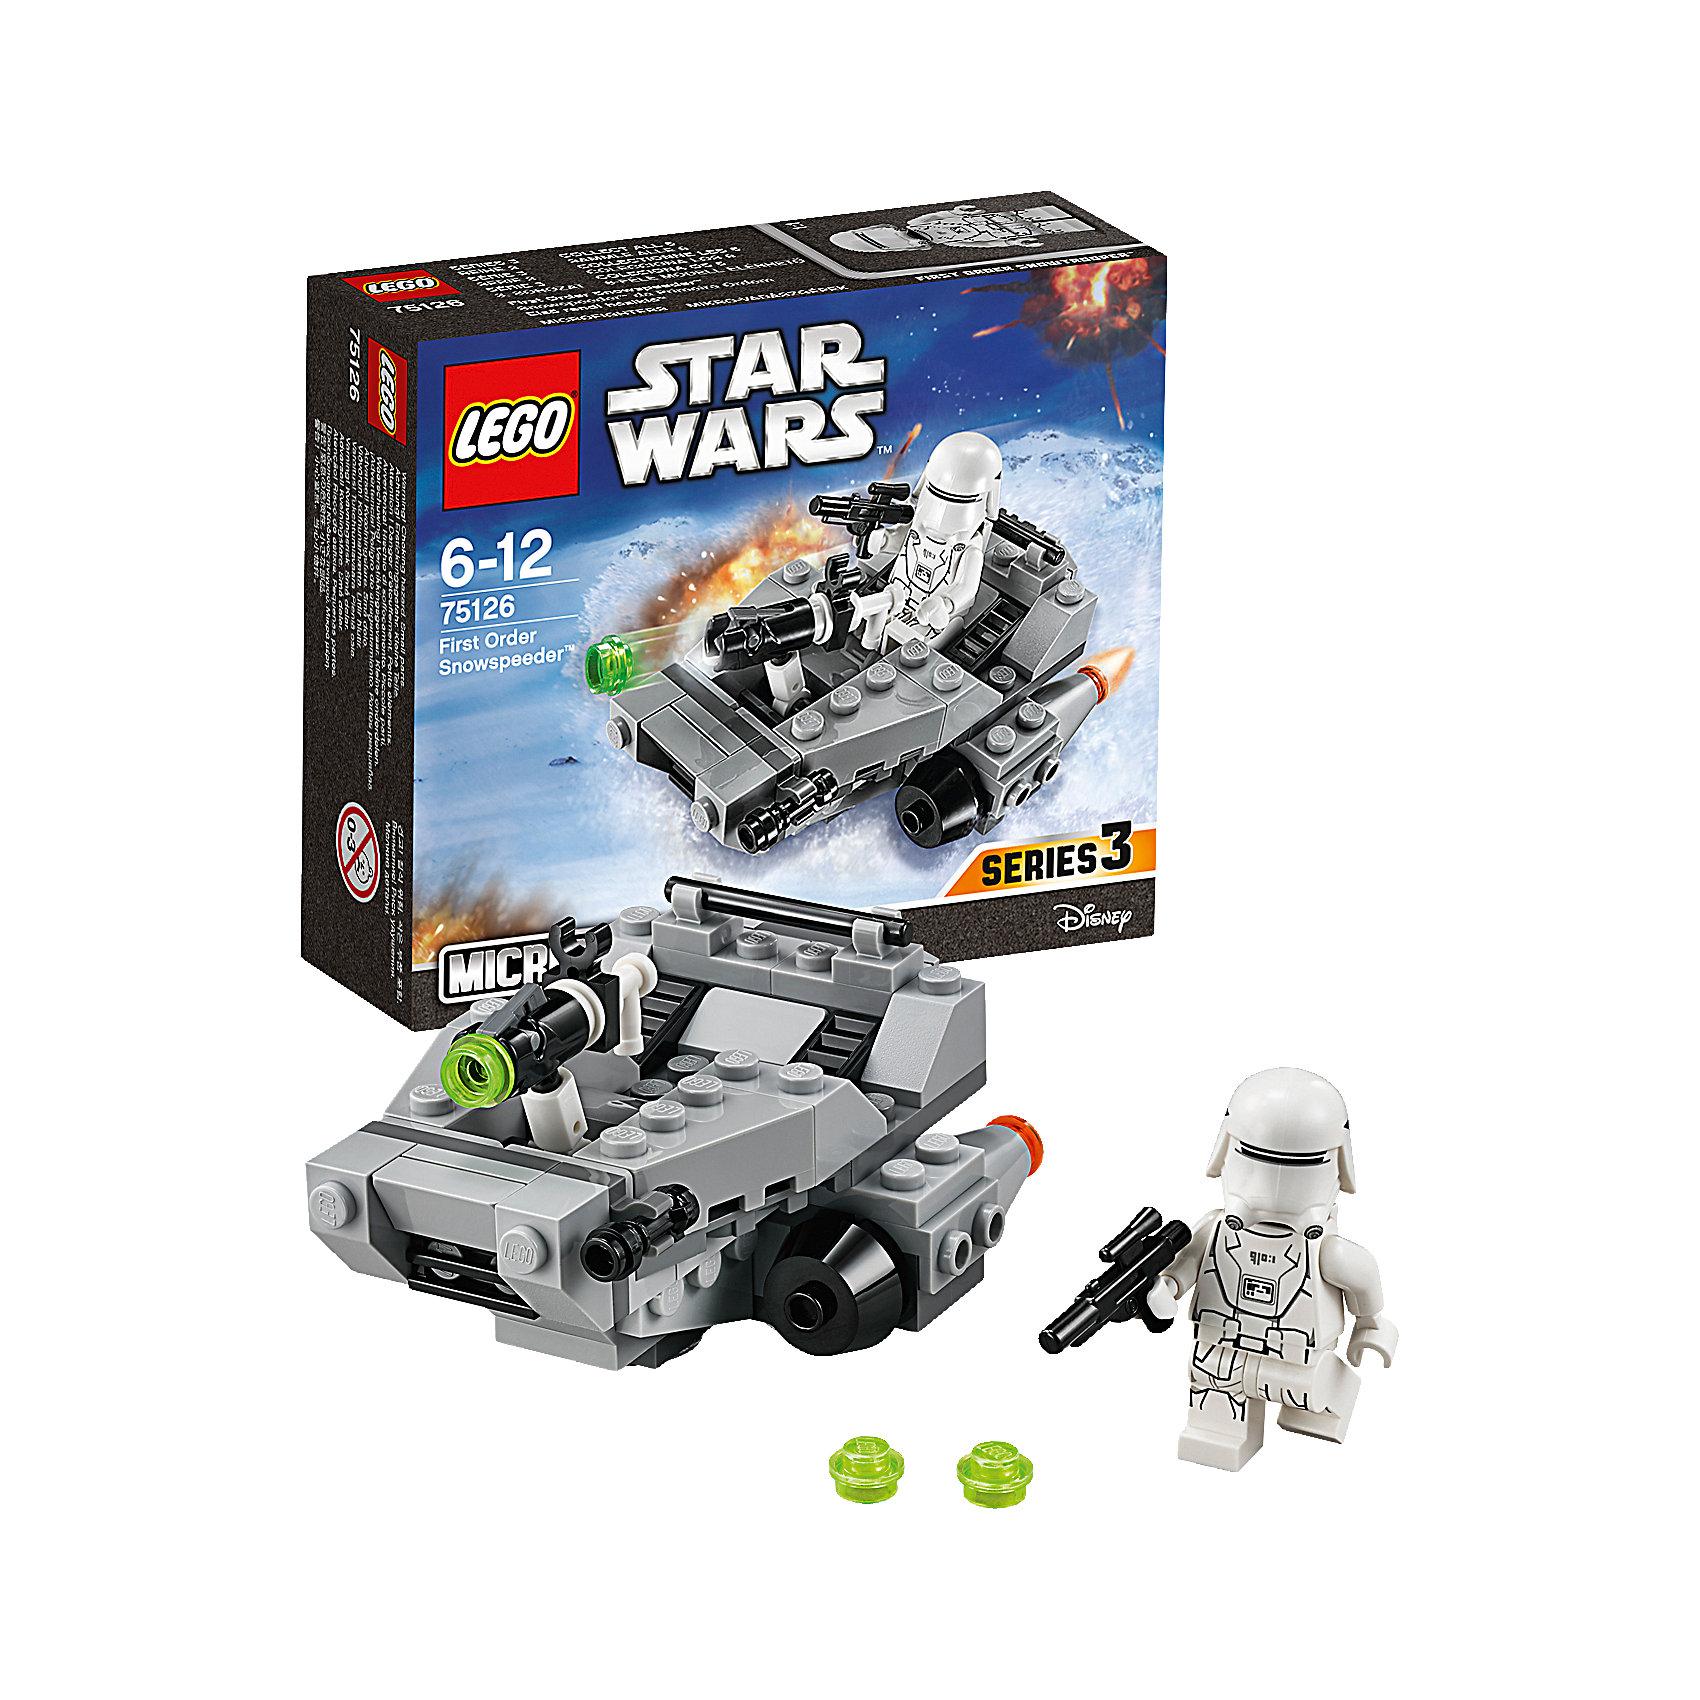 LEGO Star Wars 75126: Снежный спидер Первого ОрденаИгрушки<br>LEGO Star Wars (ЛЕГО Звездные войны) 75126: Снежный спидер Первого Ордена станет прекрасным подарком для всех поклонников знаменитой киносаги. Снежный спидер Первого Ордена был специально разработан для быстрого передвижения по заснеженным планетам и транспортировки штурмовиков и вооружения к местам сражений. Модель ЛЕГО очень похожа на свой прототип, прекрасно детализирована и состоит из серых и черных деталей. Спереди установлены малые орудия и мощная складная пушка, выстреливающая при нажатии на небольшой рычаг. Два симметричных двигателя по бокам корпуса помогают увеличить маневренность и управляемость. В сиденье пилота можно посадить минифигурку штурмовика, вооруженного бластером (входит в комплект). <br><br>Все конструкторы серии ЛЕГО Звездные войны созданы по мотивам знаменитой киносаги Звездные войны и воспроизводят самые популярные сюжеты и эпизоды фильма. В наборах представлены все основные средства вооружения и боевые единицы, задействованные в фильме.<br>Фантастические истребители, машины, роботы, оружие, фигурки персонажей выполнены очень реалистично, с высокой степенью детализации.<br><br>Дополнительная информация:<br><br>- Игра с конструктором LEGO (ЛЕГО) развивает мелкую моторику ребенка, фантазию и воображение, учит его усидчивости и внимательности.<br>- Количество деталей: 91.<br>- Количество минифигур: 1.<br>- Серия: LEGO Star Wars (ЛЕГО Звездные войны).<br>- Материал: пластик.<br>- Размер модели: 5 х 8 х 6 см.<br>- Размер упаковки: 14 х 4,5 х 12 см.<br>- Вес: 0,11 кг.<br><br>Конструктор LEGO Star Wars (ЛЕГО Звездные войны)  75126: Снежный спидер Первого Ордена можно купить в нашем интернет-магазине.<br><br>Ширина мм: 143<br>Глубина мм: 123<br>Высота мм: 48<br>Вес г: 102<br>Возраст от месяцев: 72<br>Возраст до месяцев: 144<br>Пол: Мужской<br>Возраст: Детский<br>SKU: 4259011